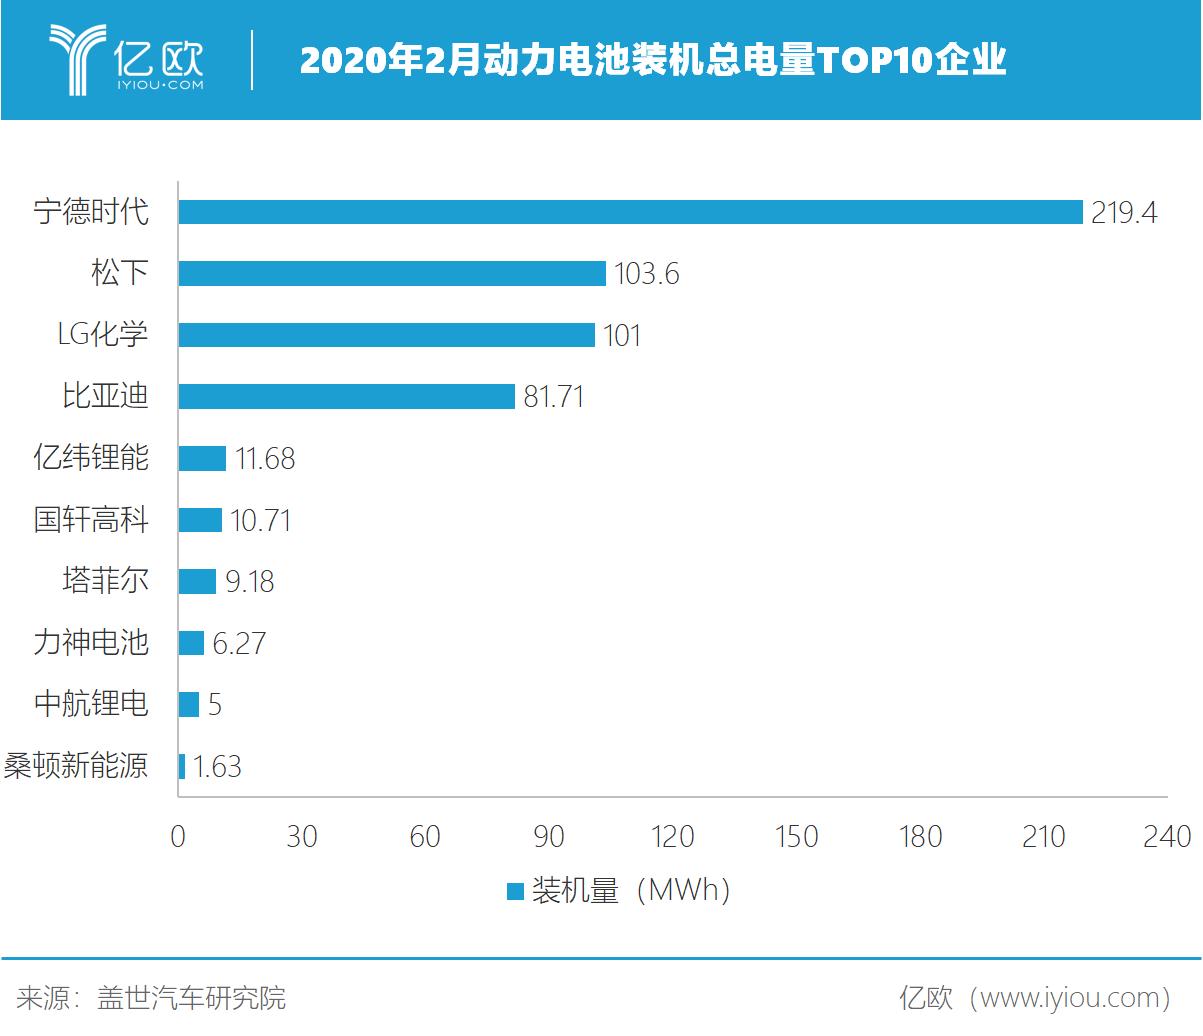 2020年2月动力电池装机总电量TOP10企业